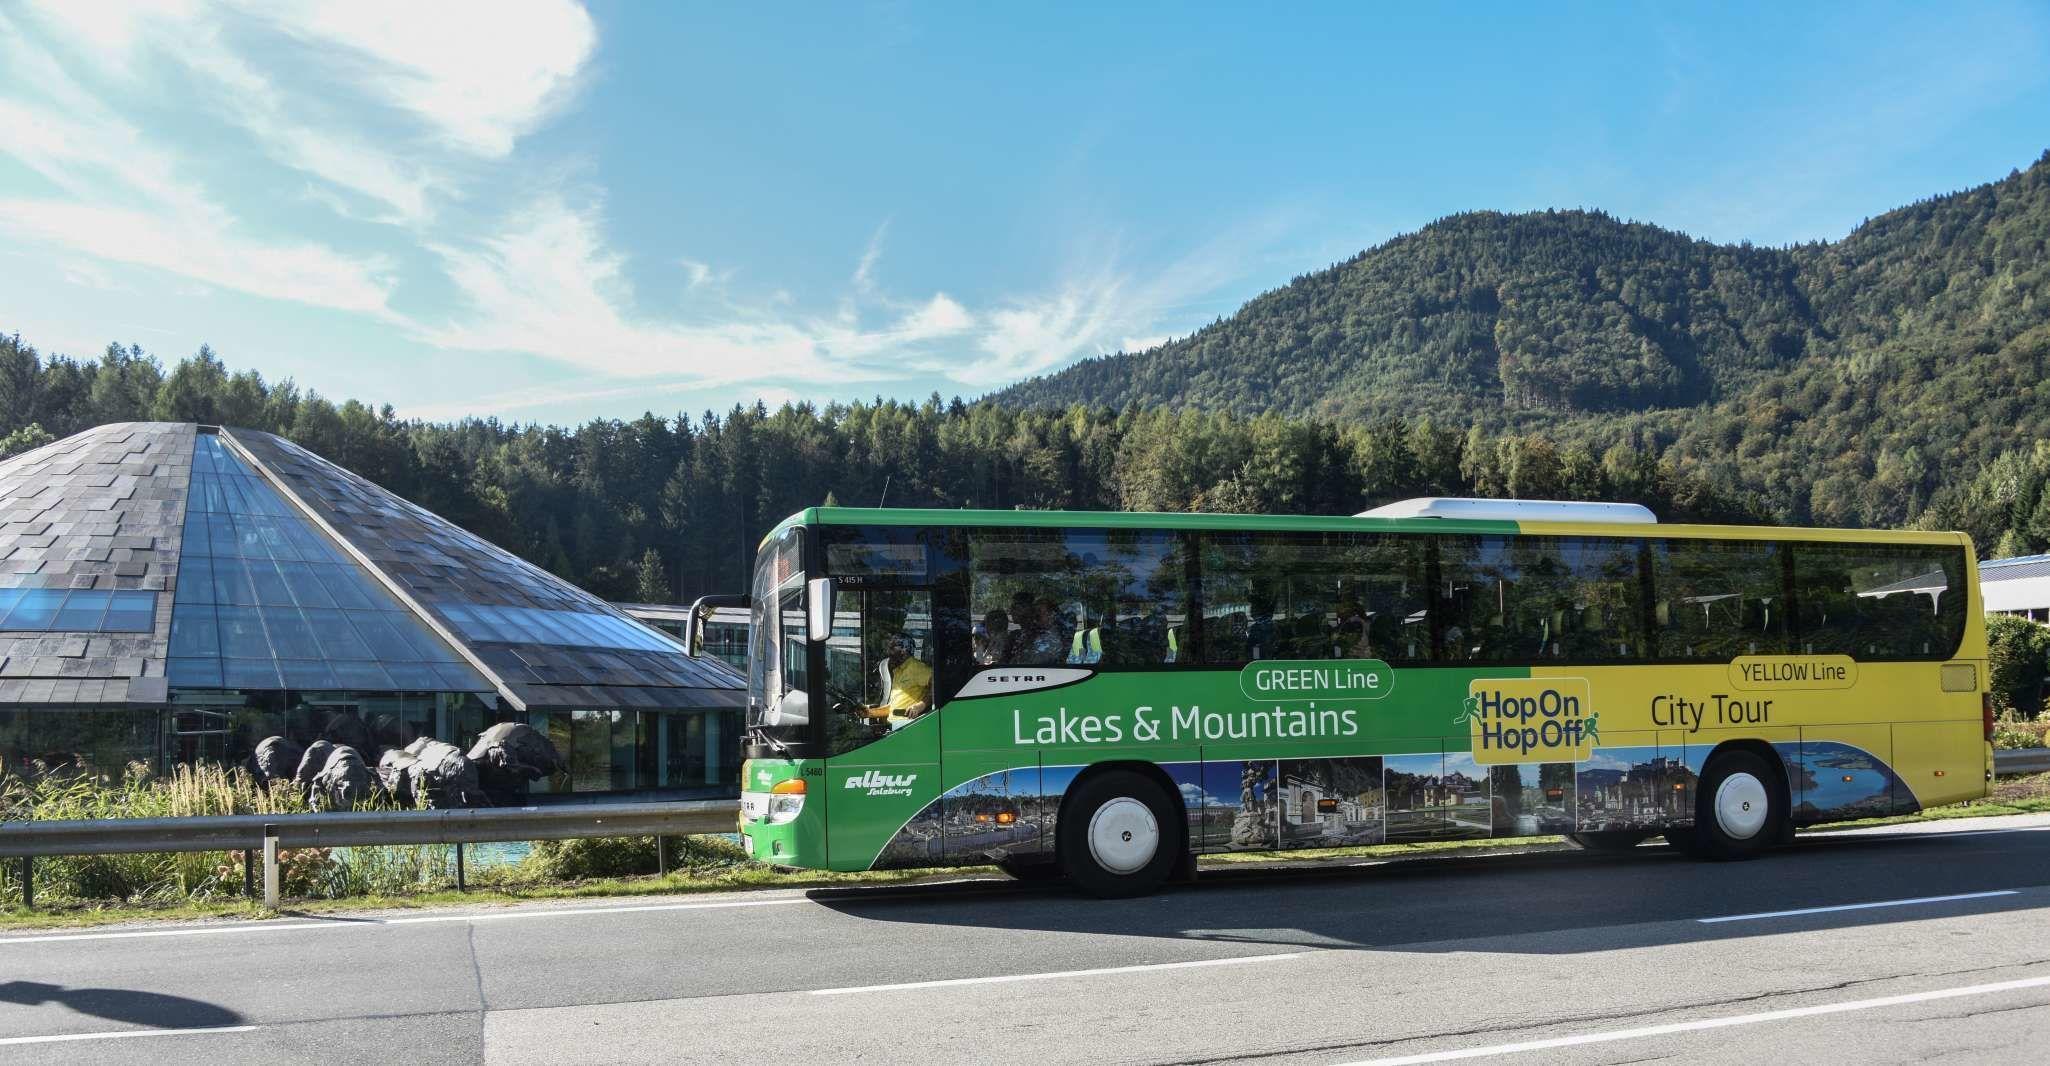 Salzkammergut Region: Hop-on and Hop-off Bus Tour